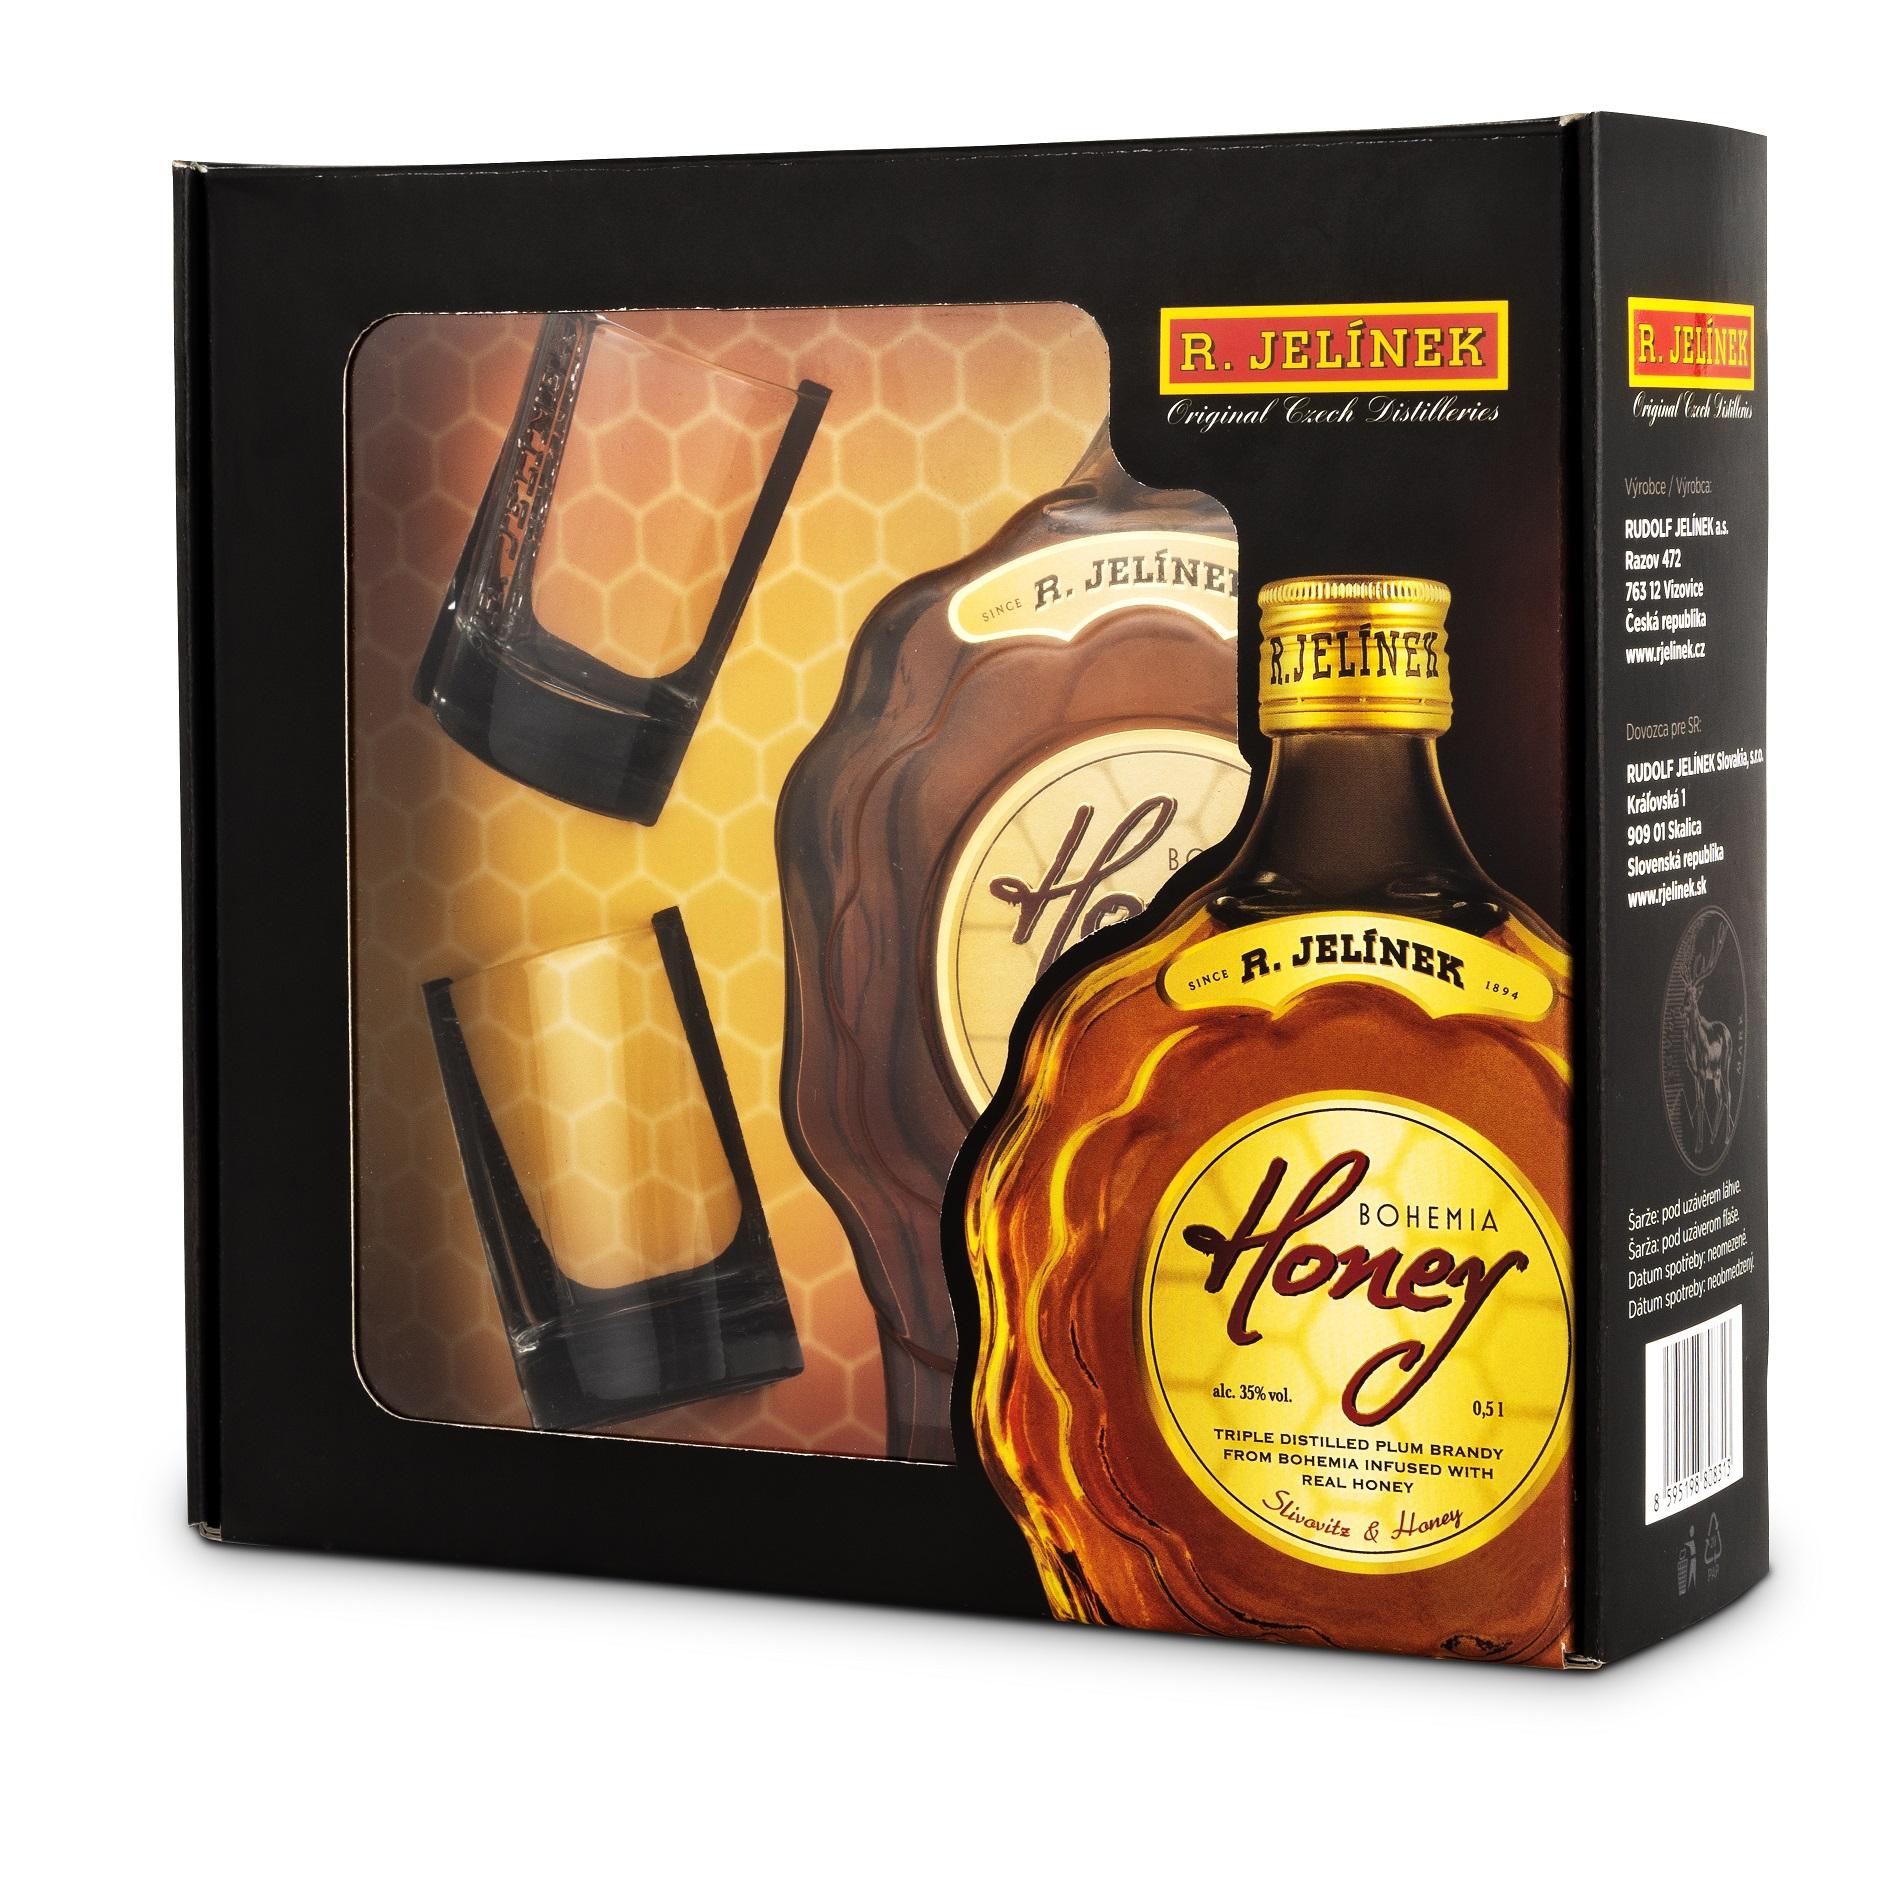 Bohemia Honey – S chutí do medu!